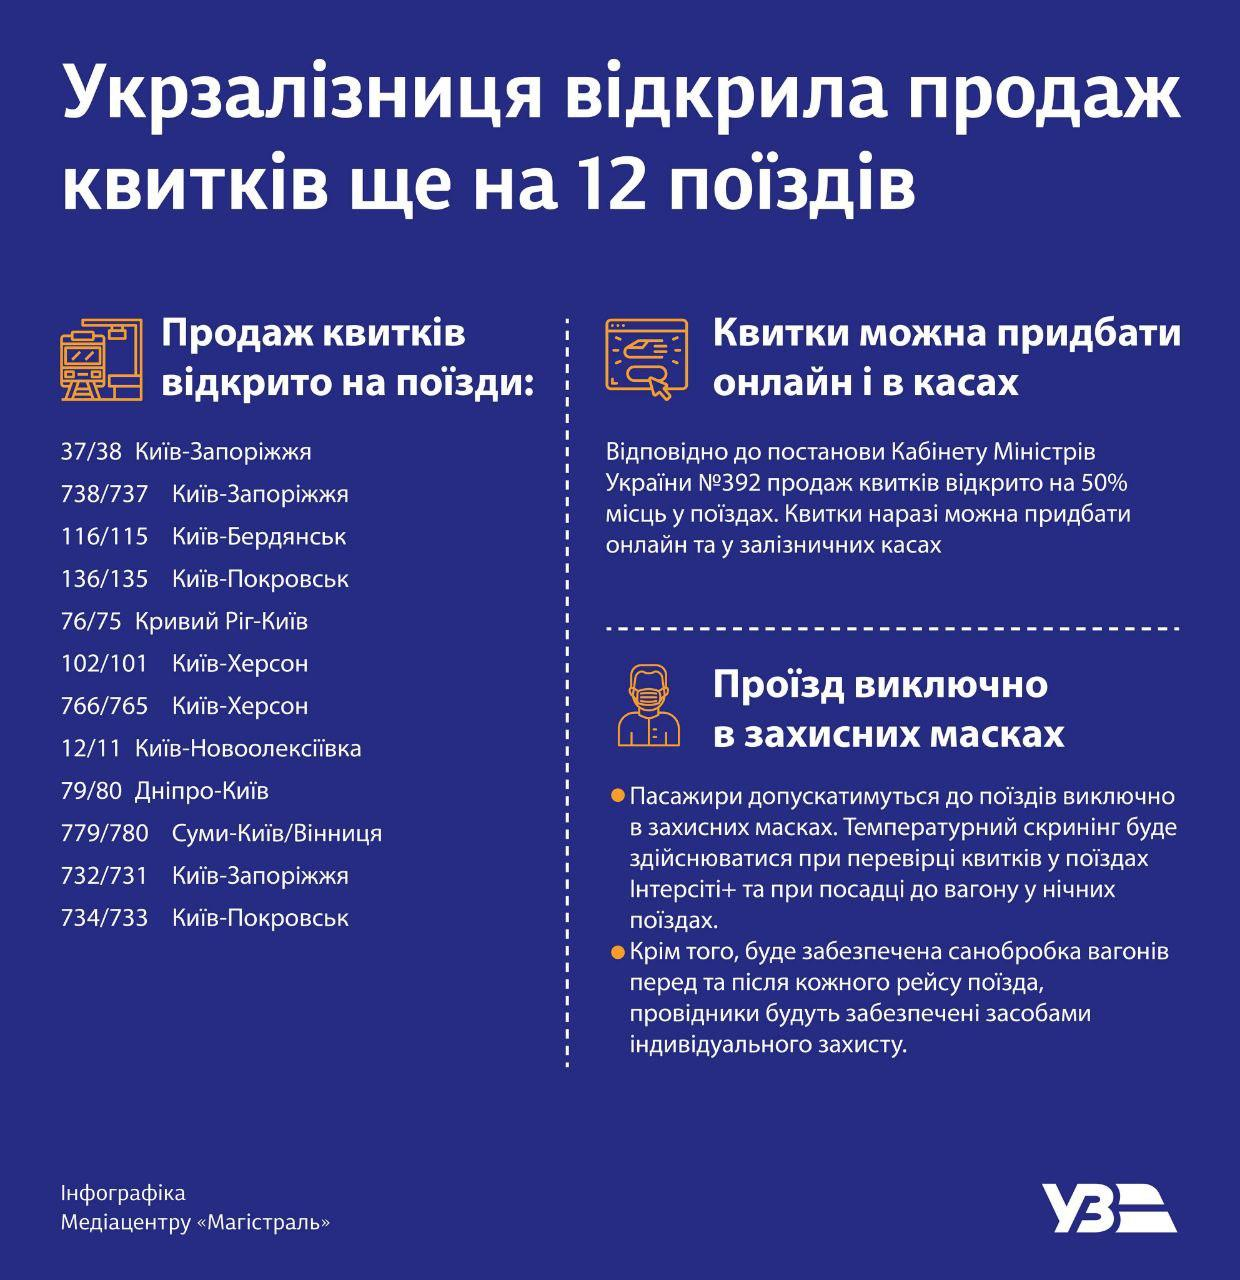 """""""Укрзализныця"""" запускает еще 12 поездов: список"""